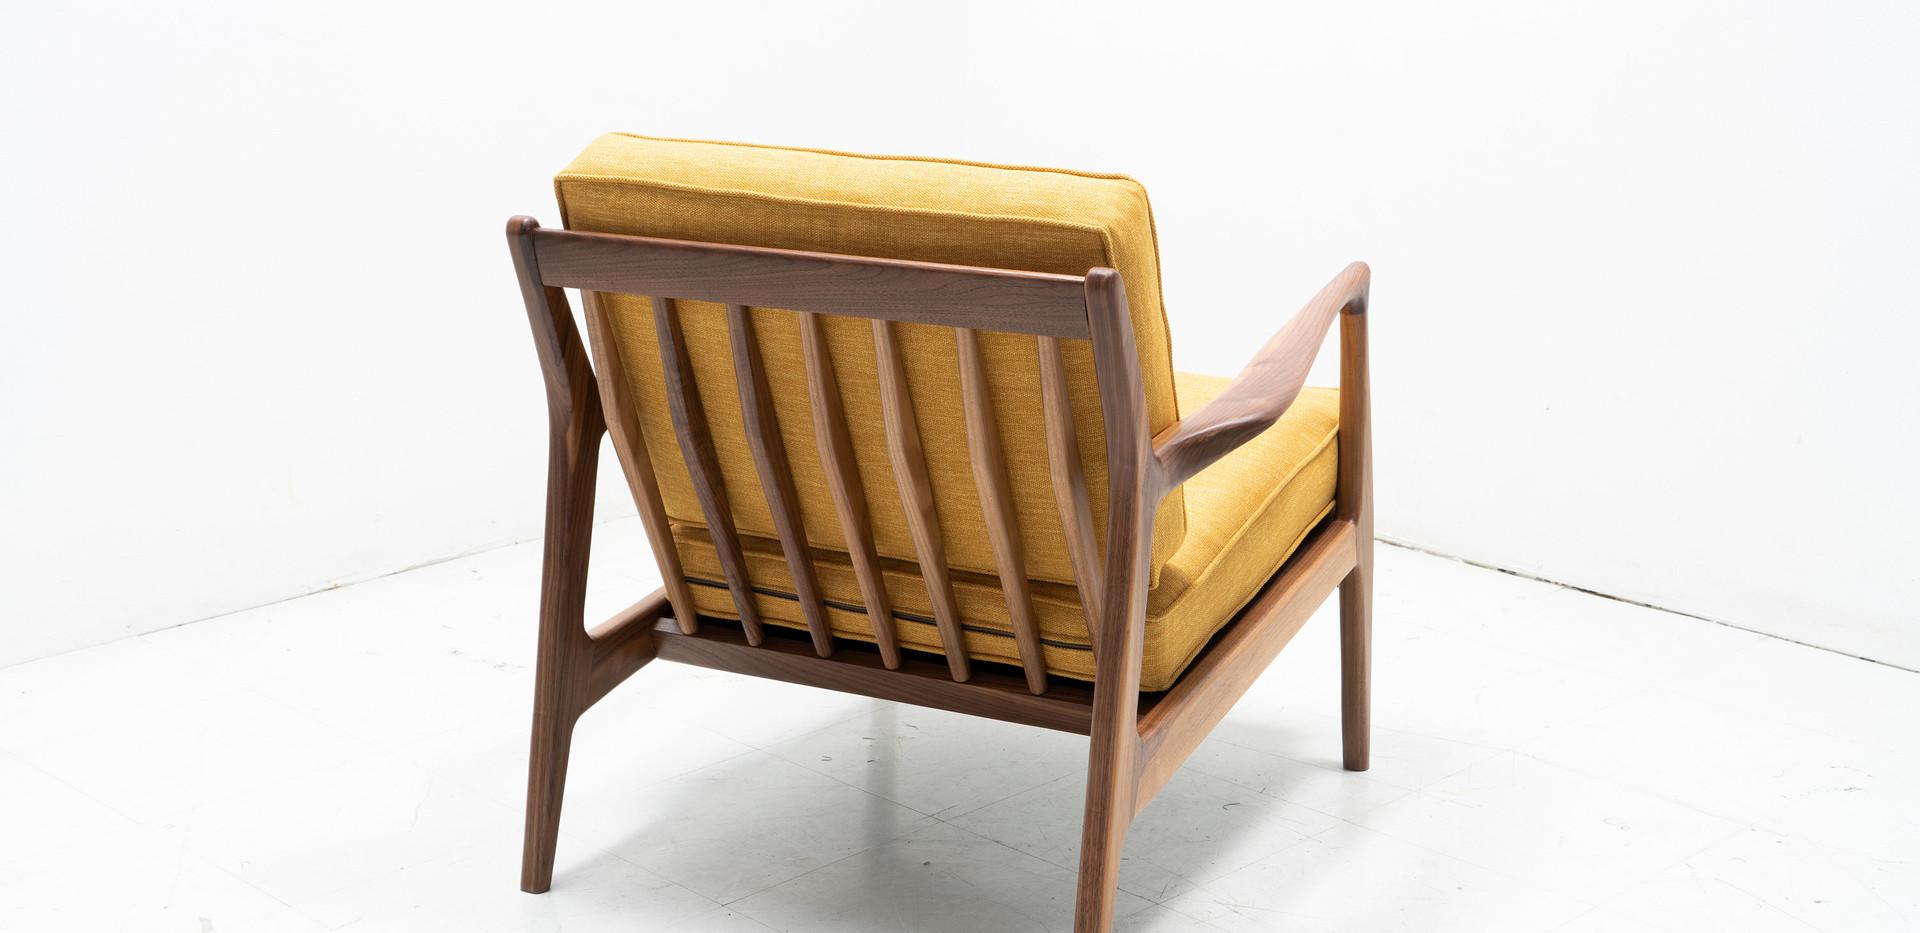 Santa Paula chair